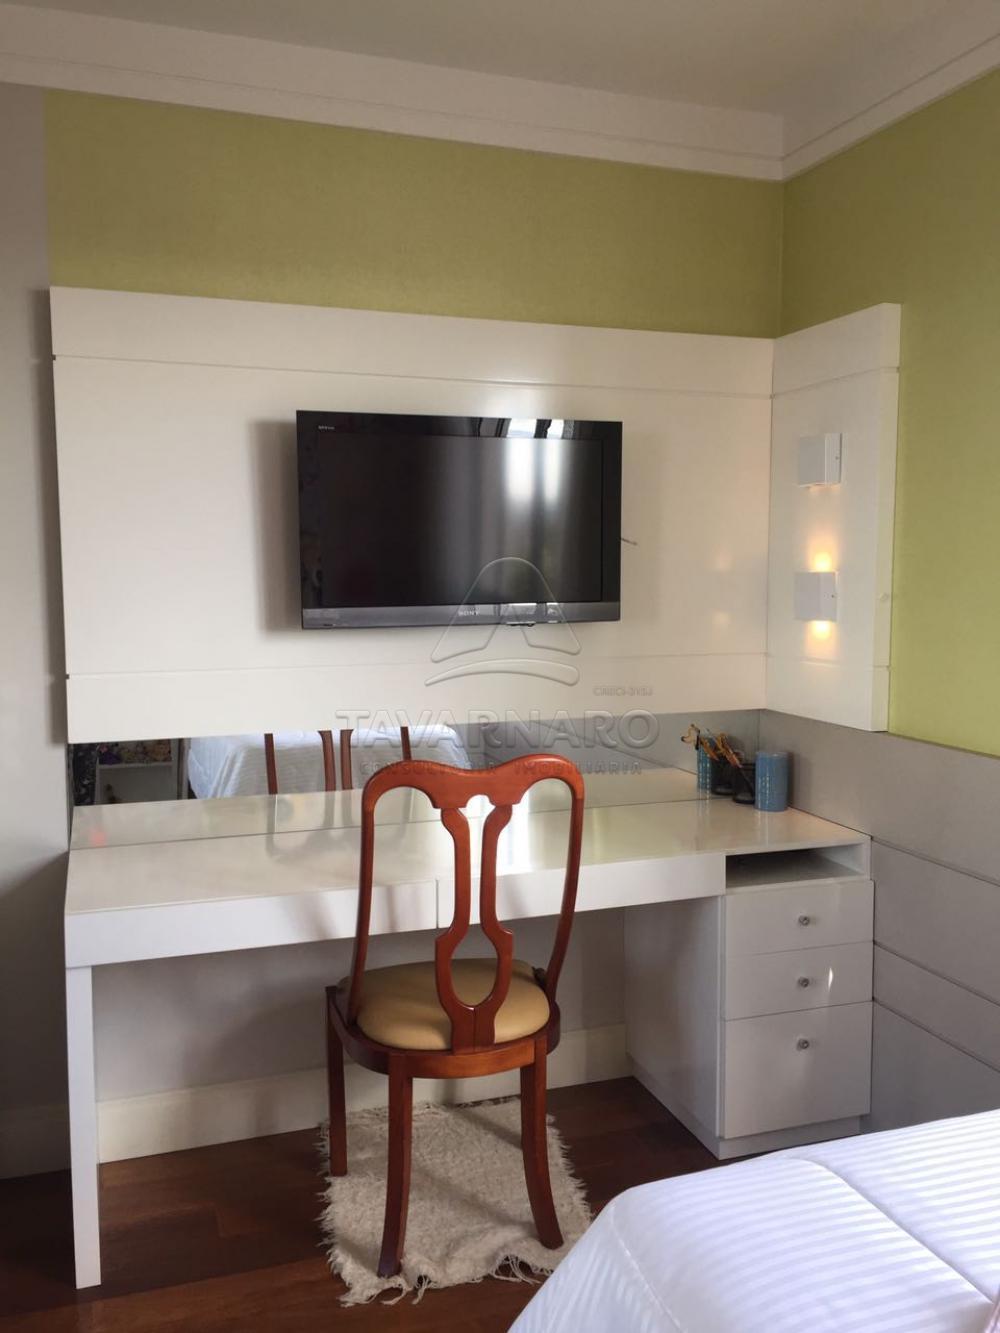 Comprar Apartamento / Padrão em Ponta Grossa apenas R$ 795.000,00 - Foto 18